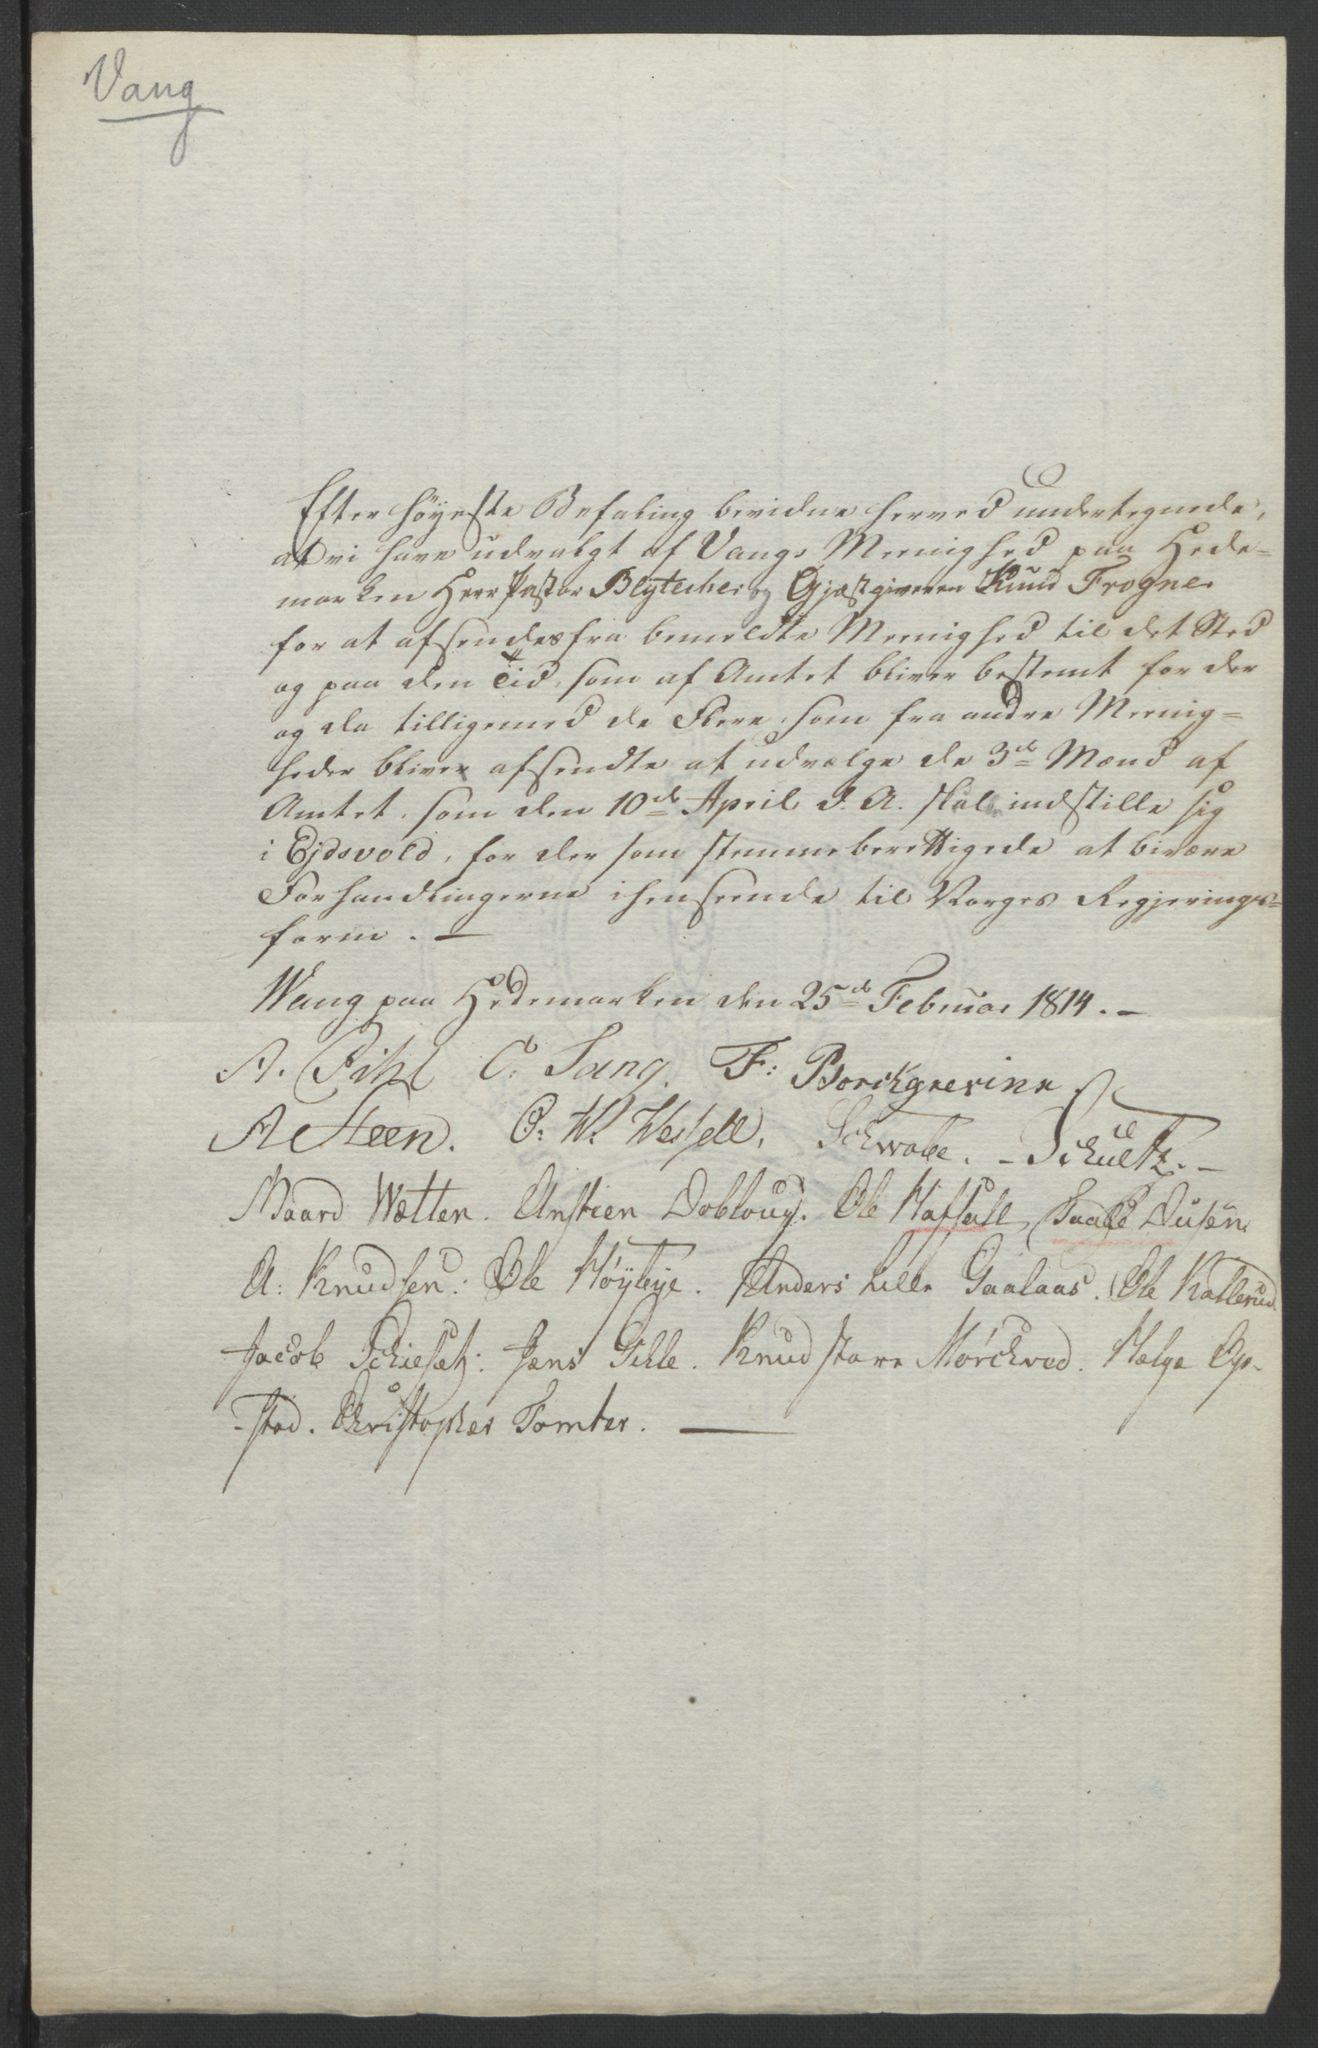 RA, Statsrådssekretariatet, D/Db/L0007: Fullmakter for Eidsvollsrepresentantene i 1814. , 1814, s. 246